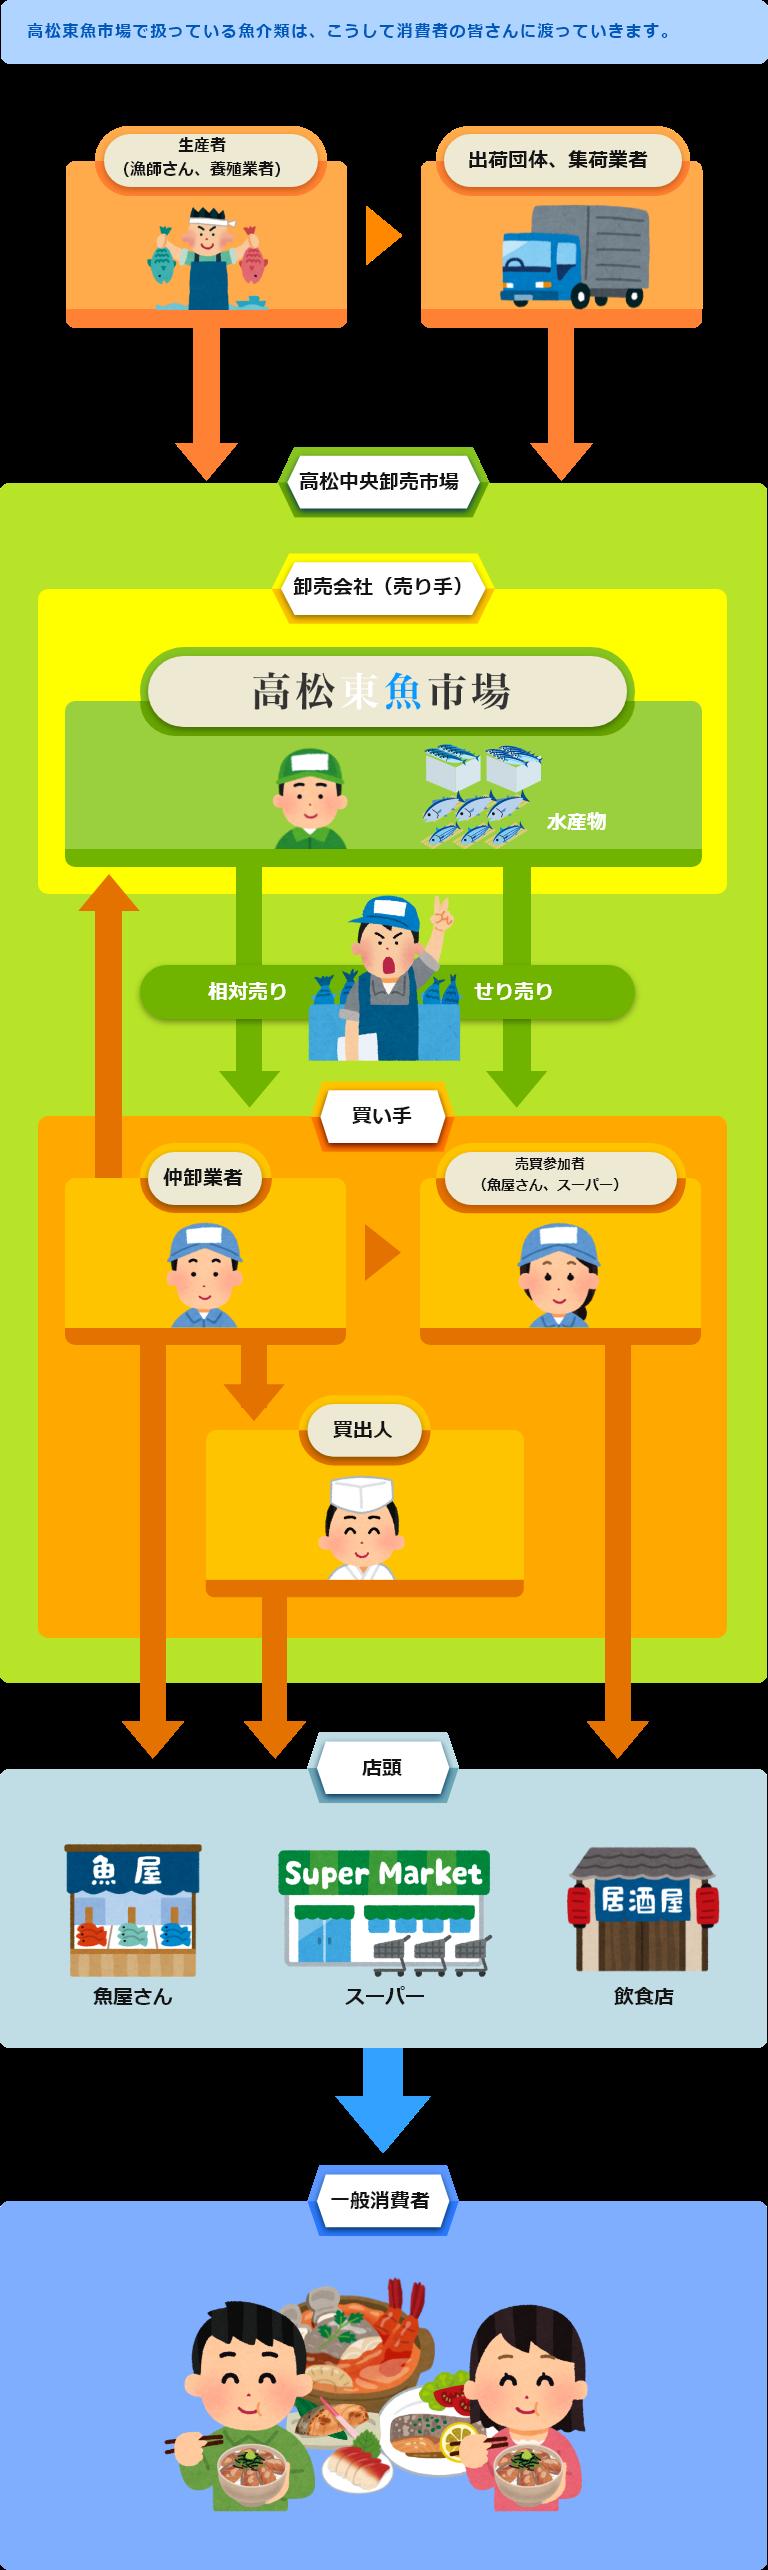 高松東魚市場の流通経路の仕組み